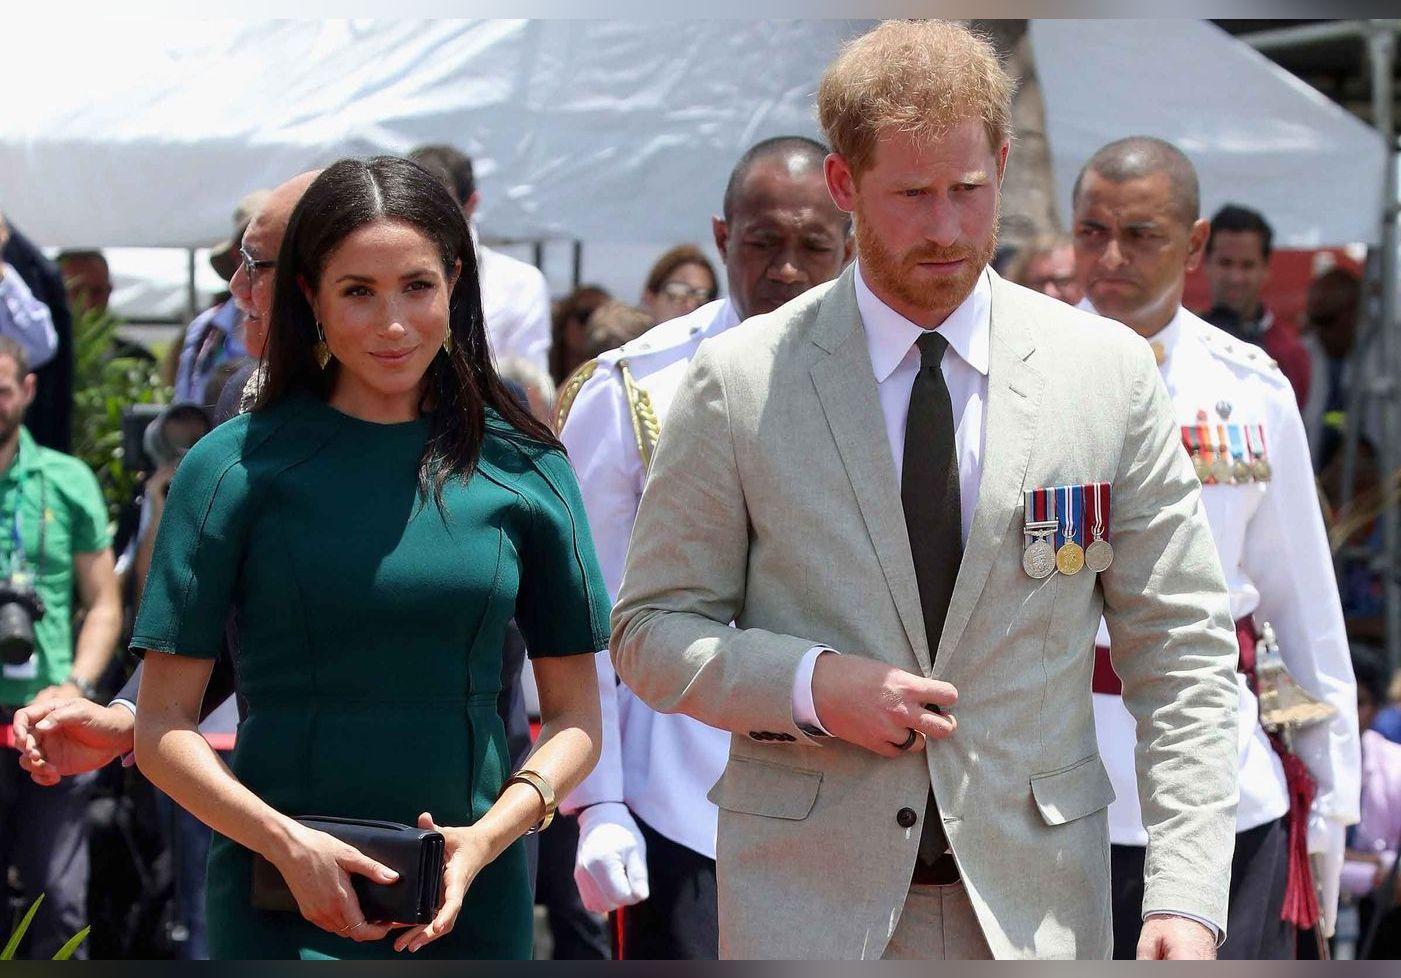 Inauguration de la statue de Diana : sans Meghan Markle à ses côtés, la venue du prince Harry est désormais incertaine !